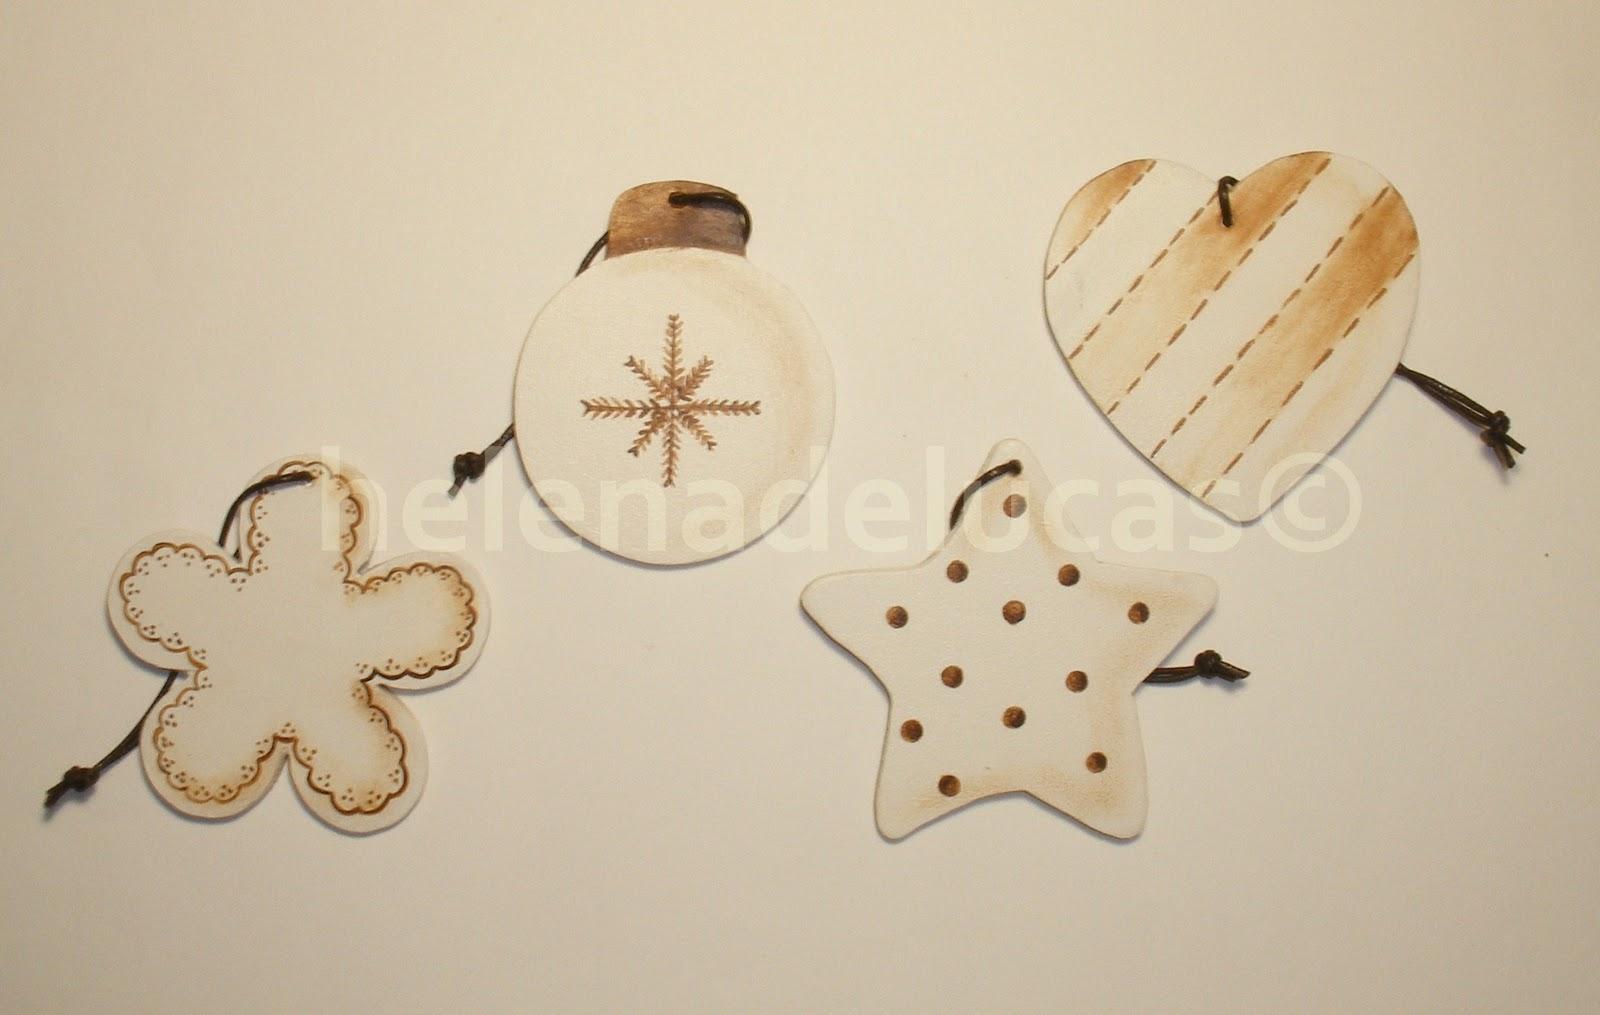 Helenadelucas adornos de navidad hechos a mano - Adornos de navidad hechos a mano por ninos ...